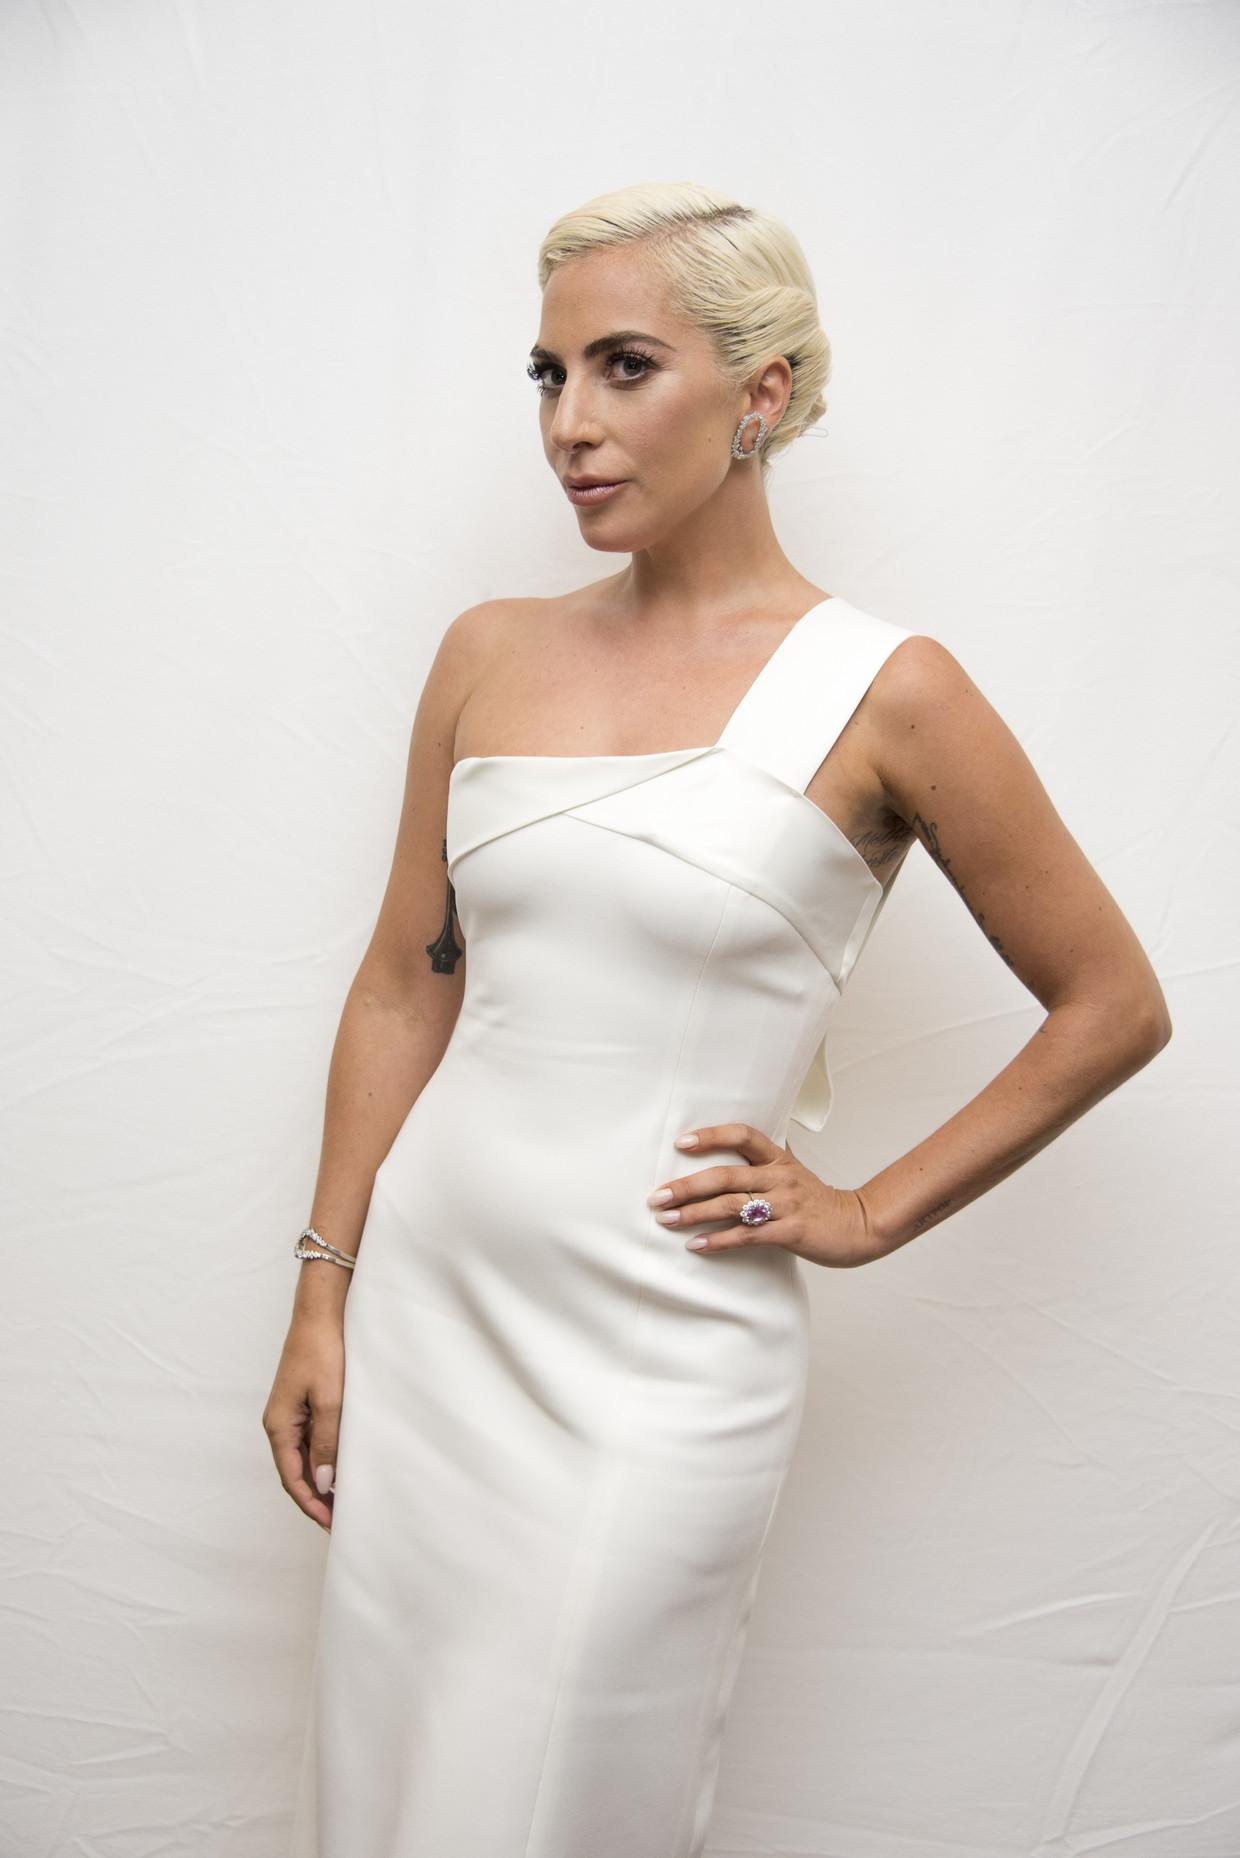 Lady Gaga vond zichzelf keer op keer opnieuw uit, maar keert nu terug naar het geluid dat haar beroemd maakte.